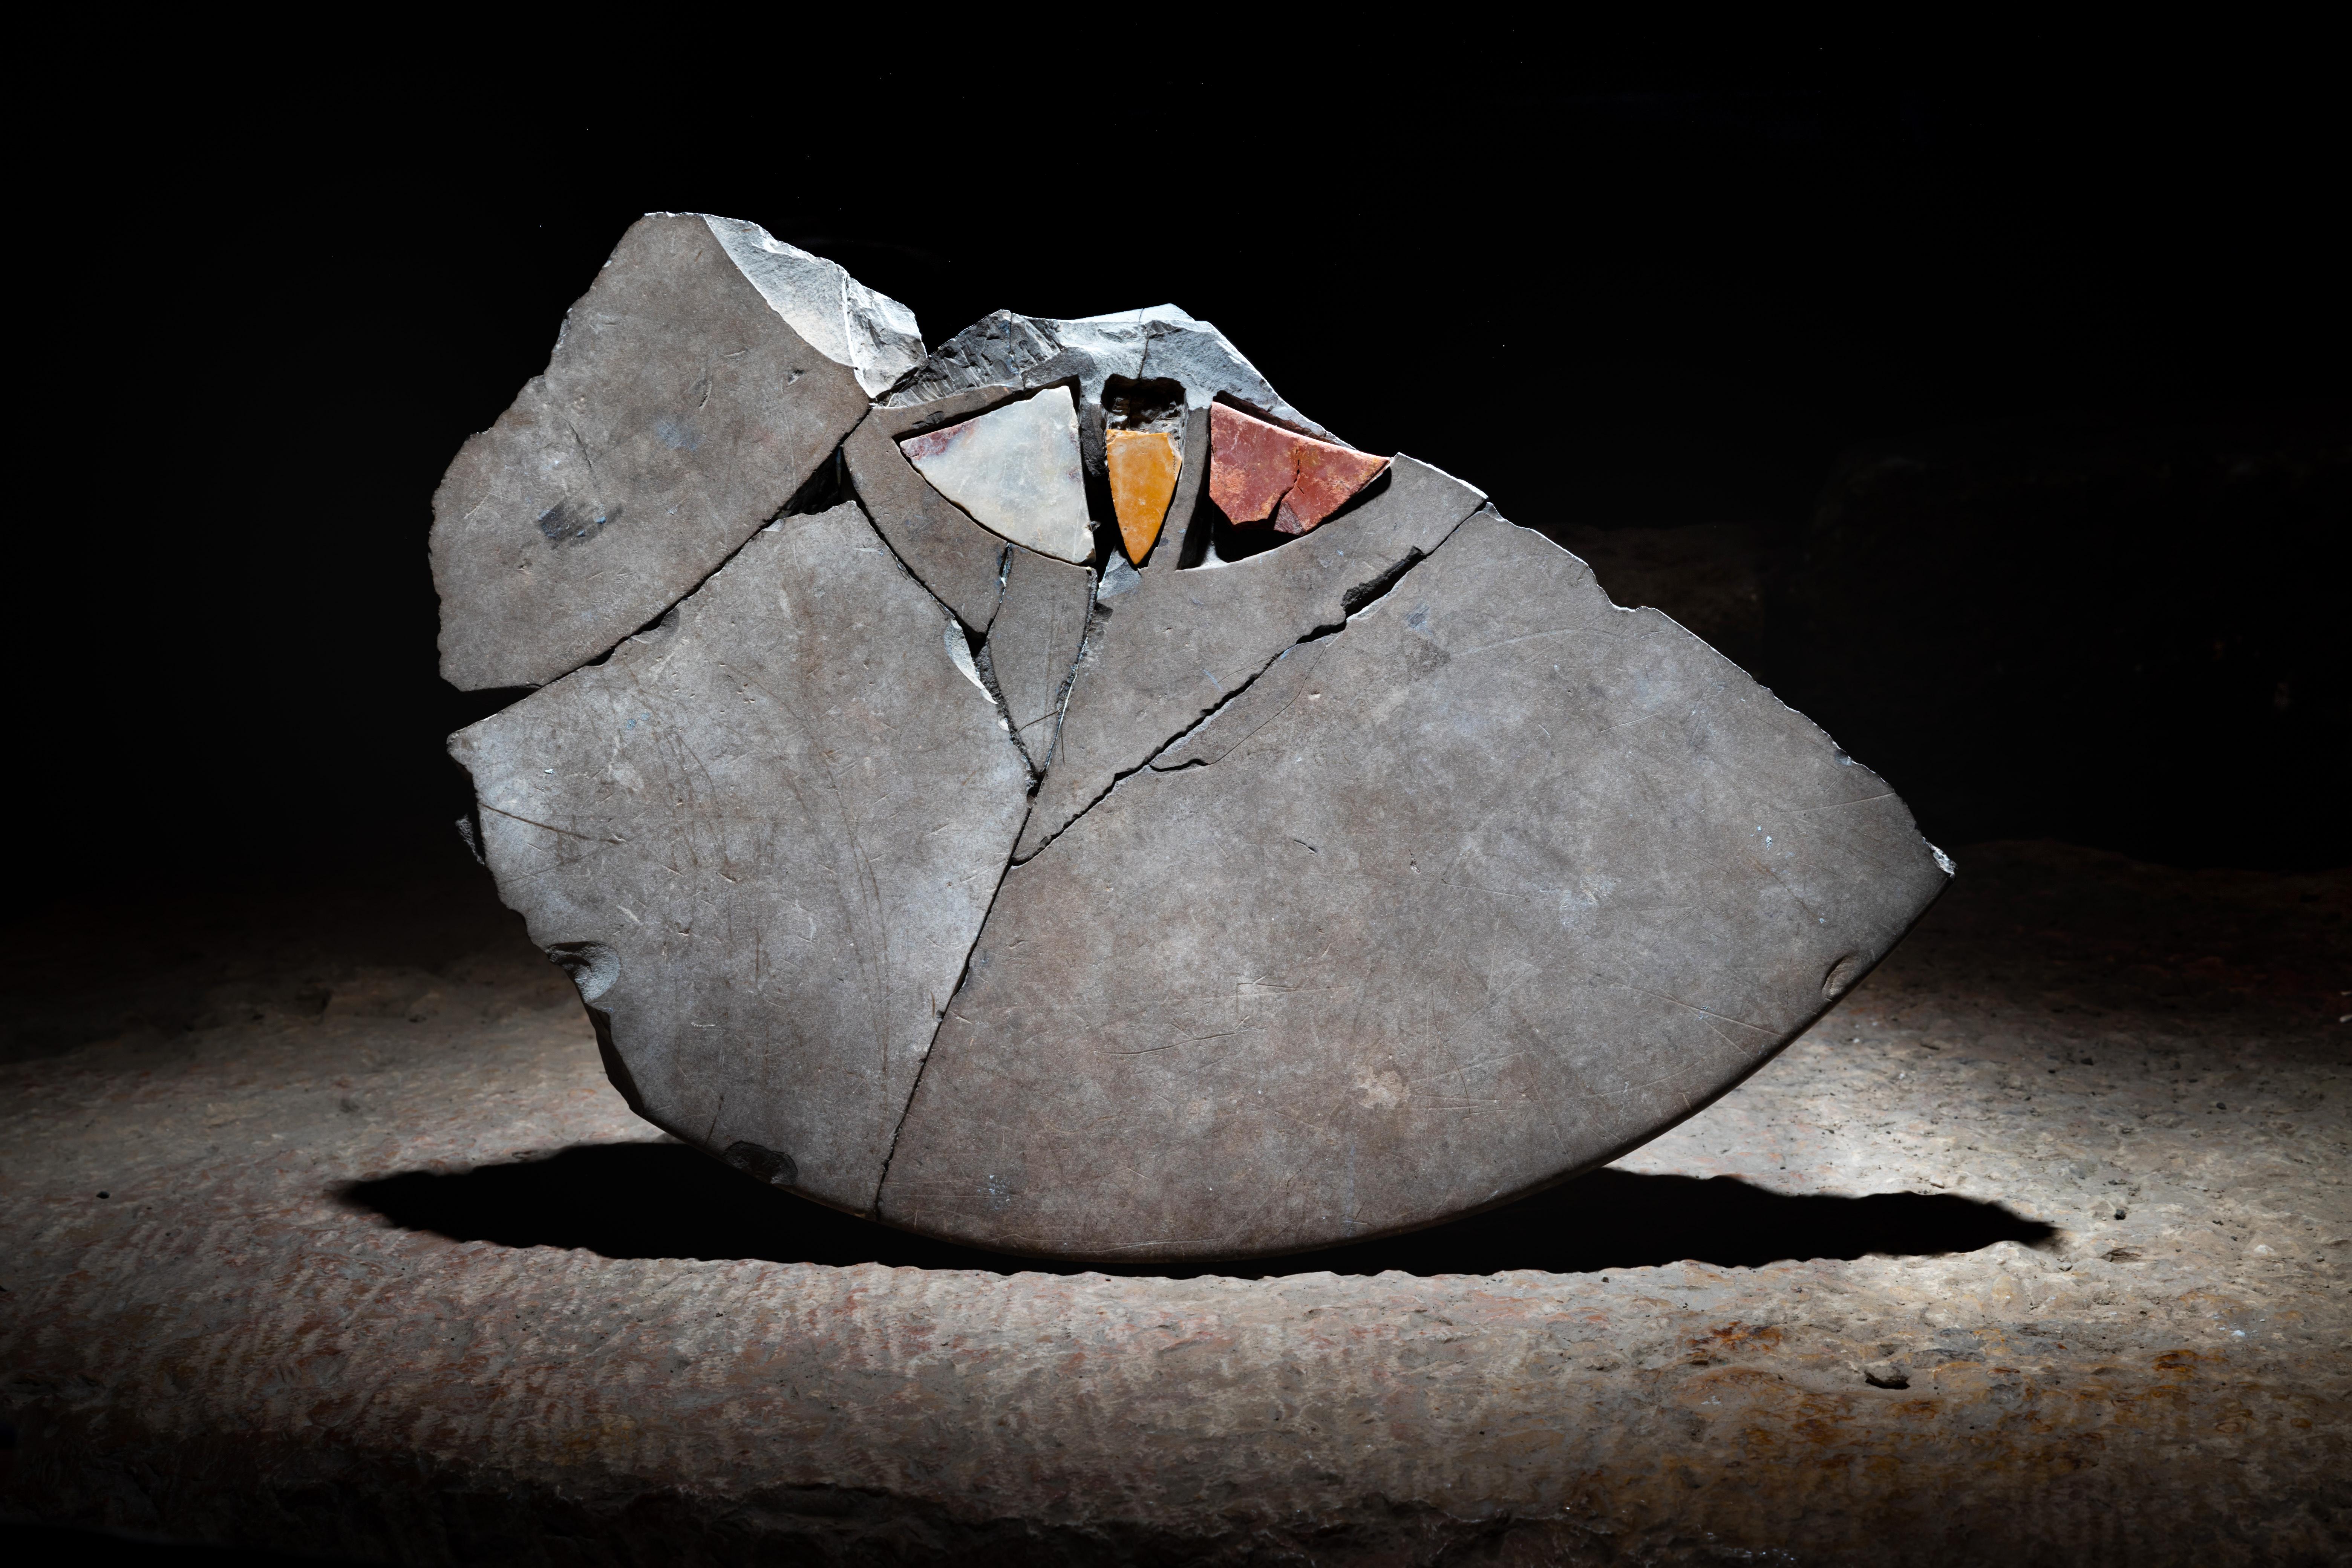 11.שבר שולחן משובץ אבנים צבעוניות. צילום קובי הראתי עיר דוד